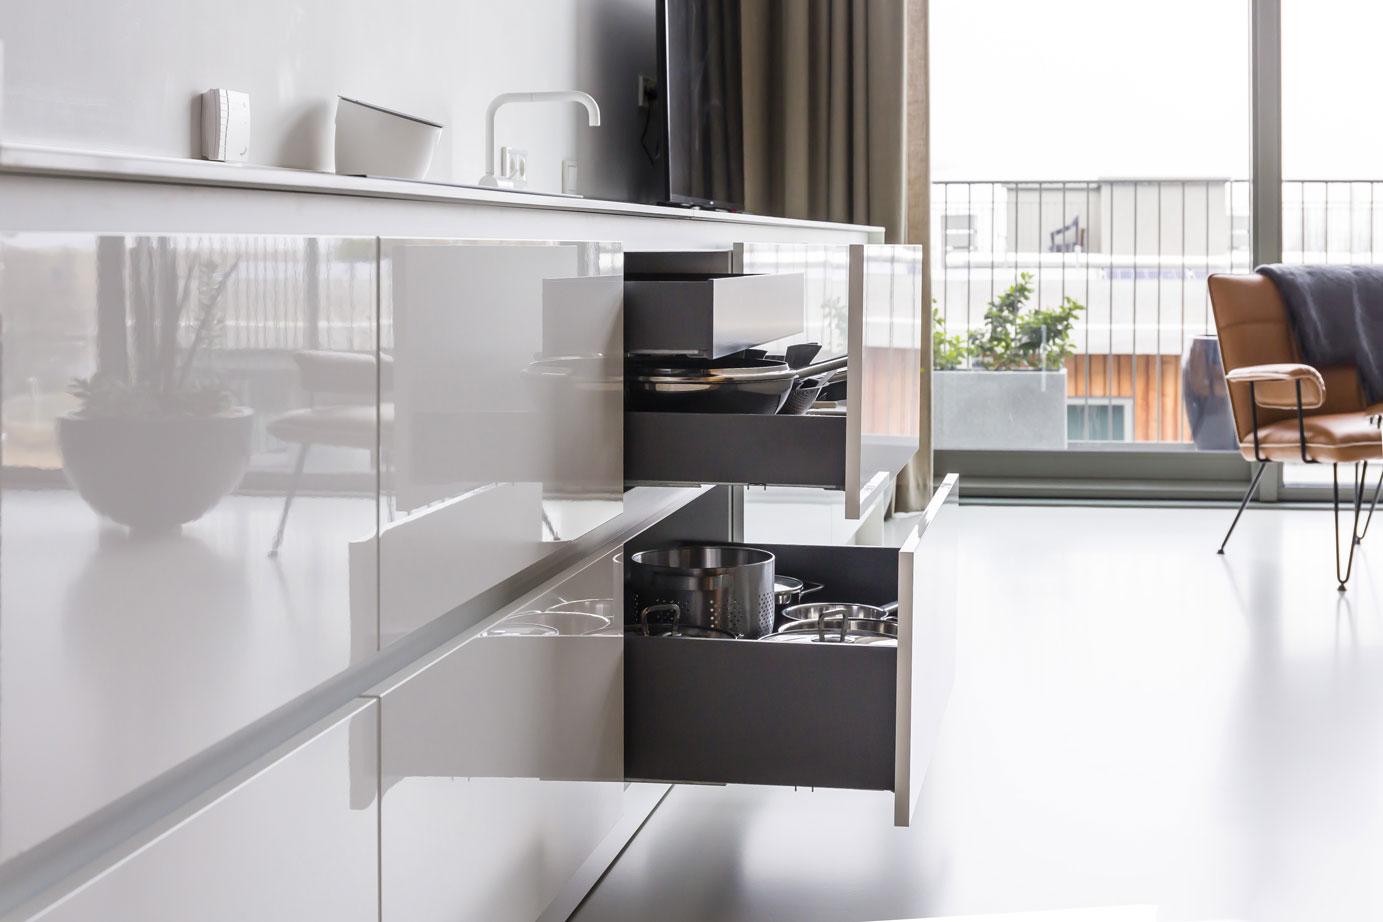 Design Stopcontact Keuken : Greeploos design keuken kopen in amsterdam bekijk foto s keur